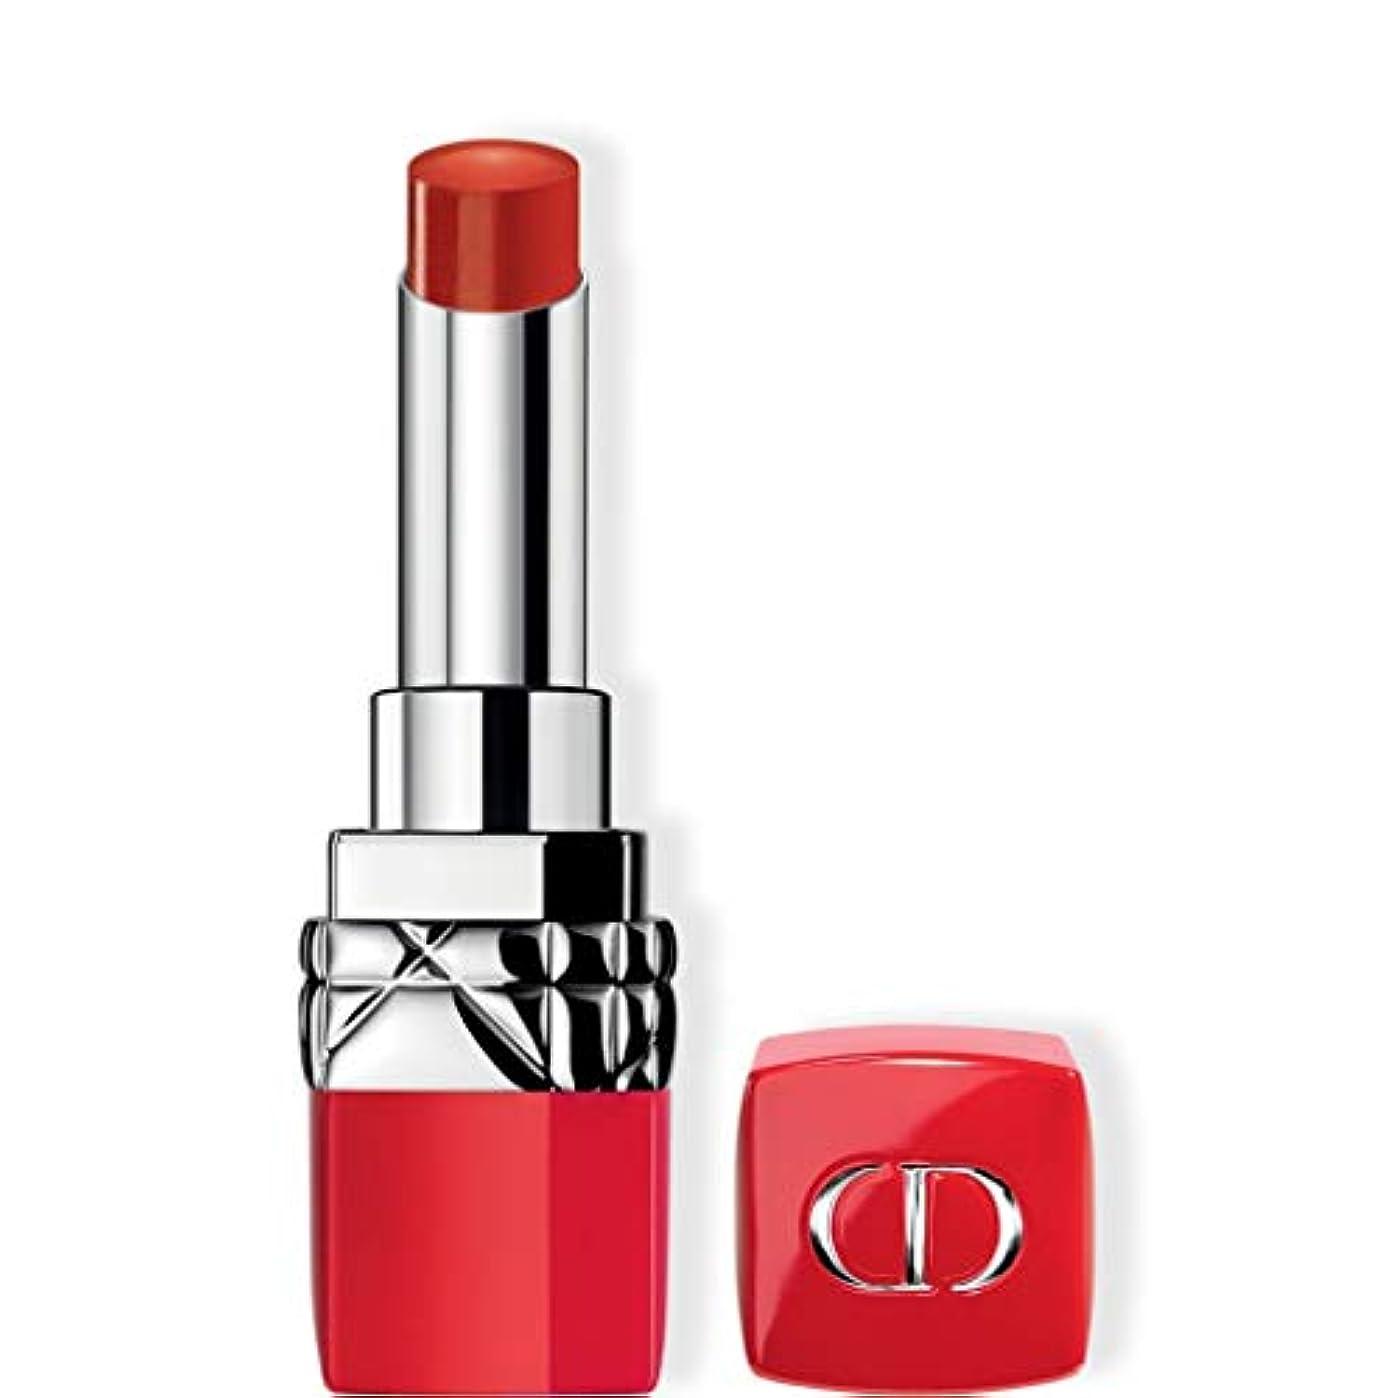 ソケット明確にたるみクリスチャンディオール Rouge Dior Ultra Rouge - # 436 Ultra Trouble 3.2g/0.11oz並行輸入品